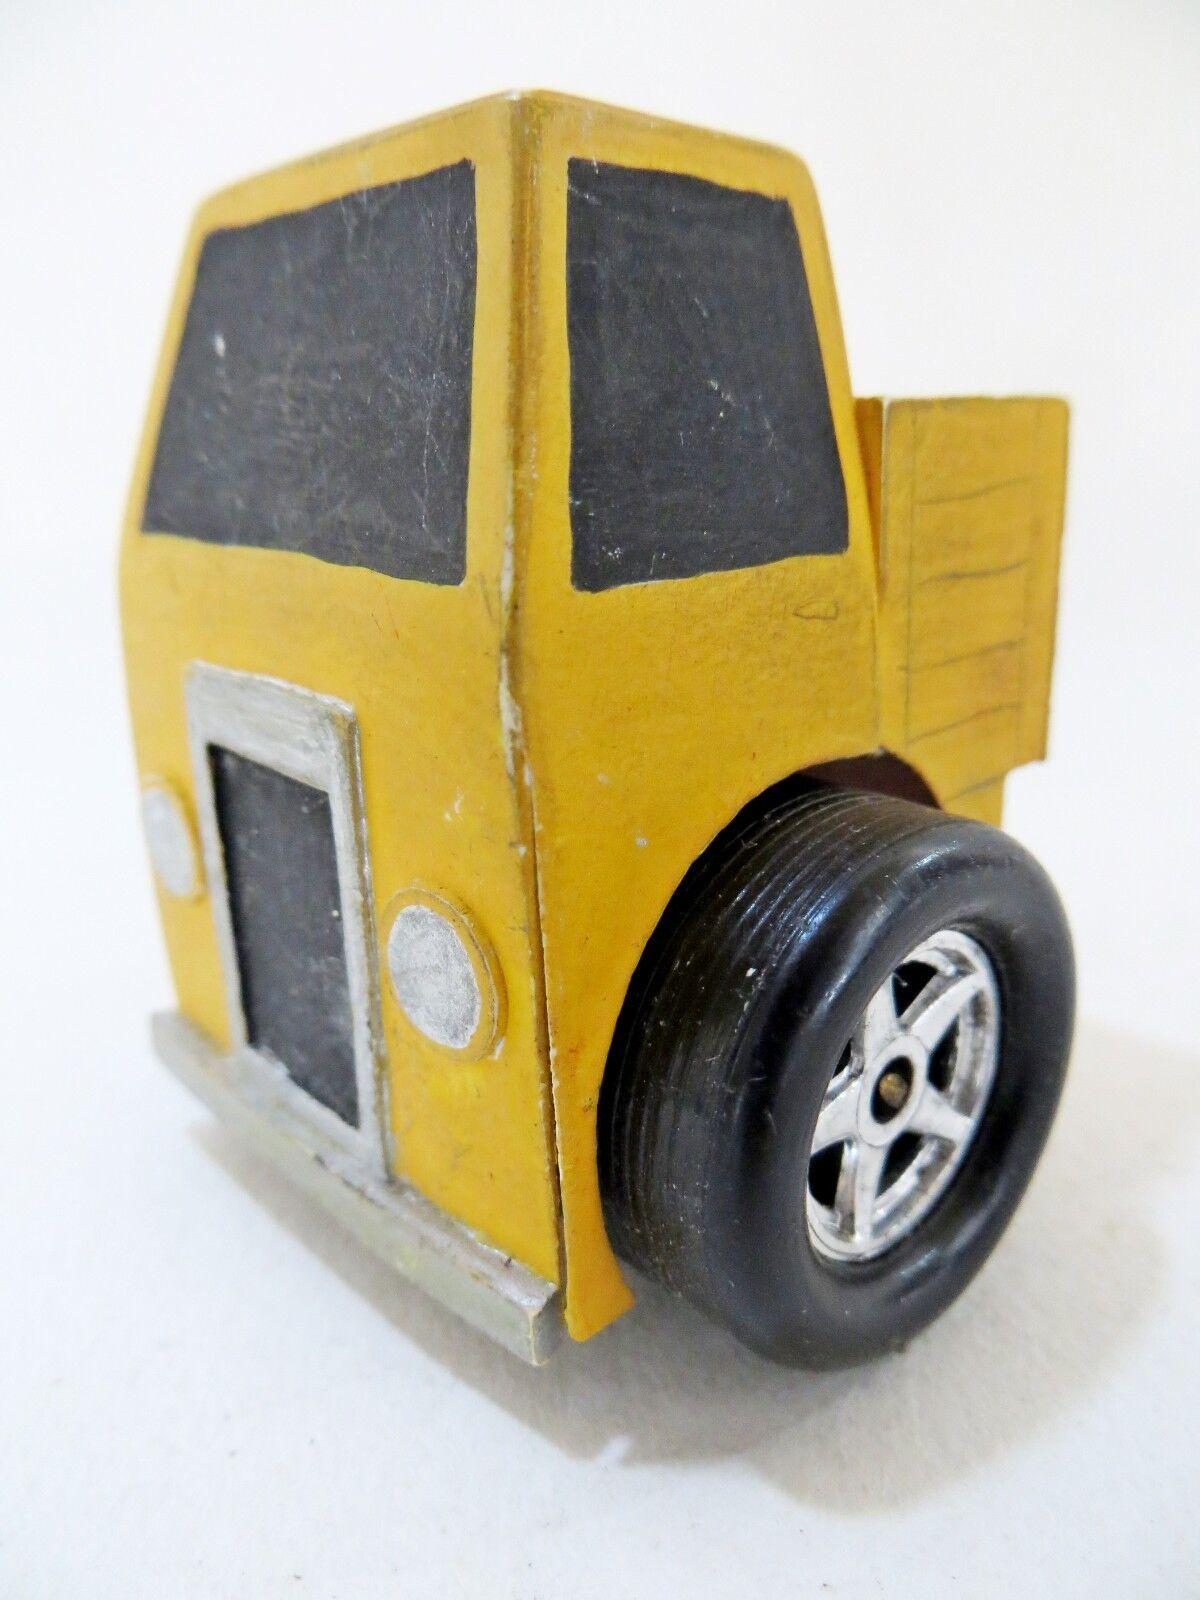 MATCHBOX pre-produzione/PROTOTIPO 'SALDO autocarro/camion . molto RARO.